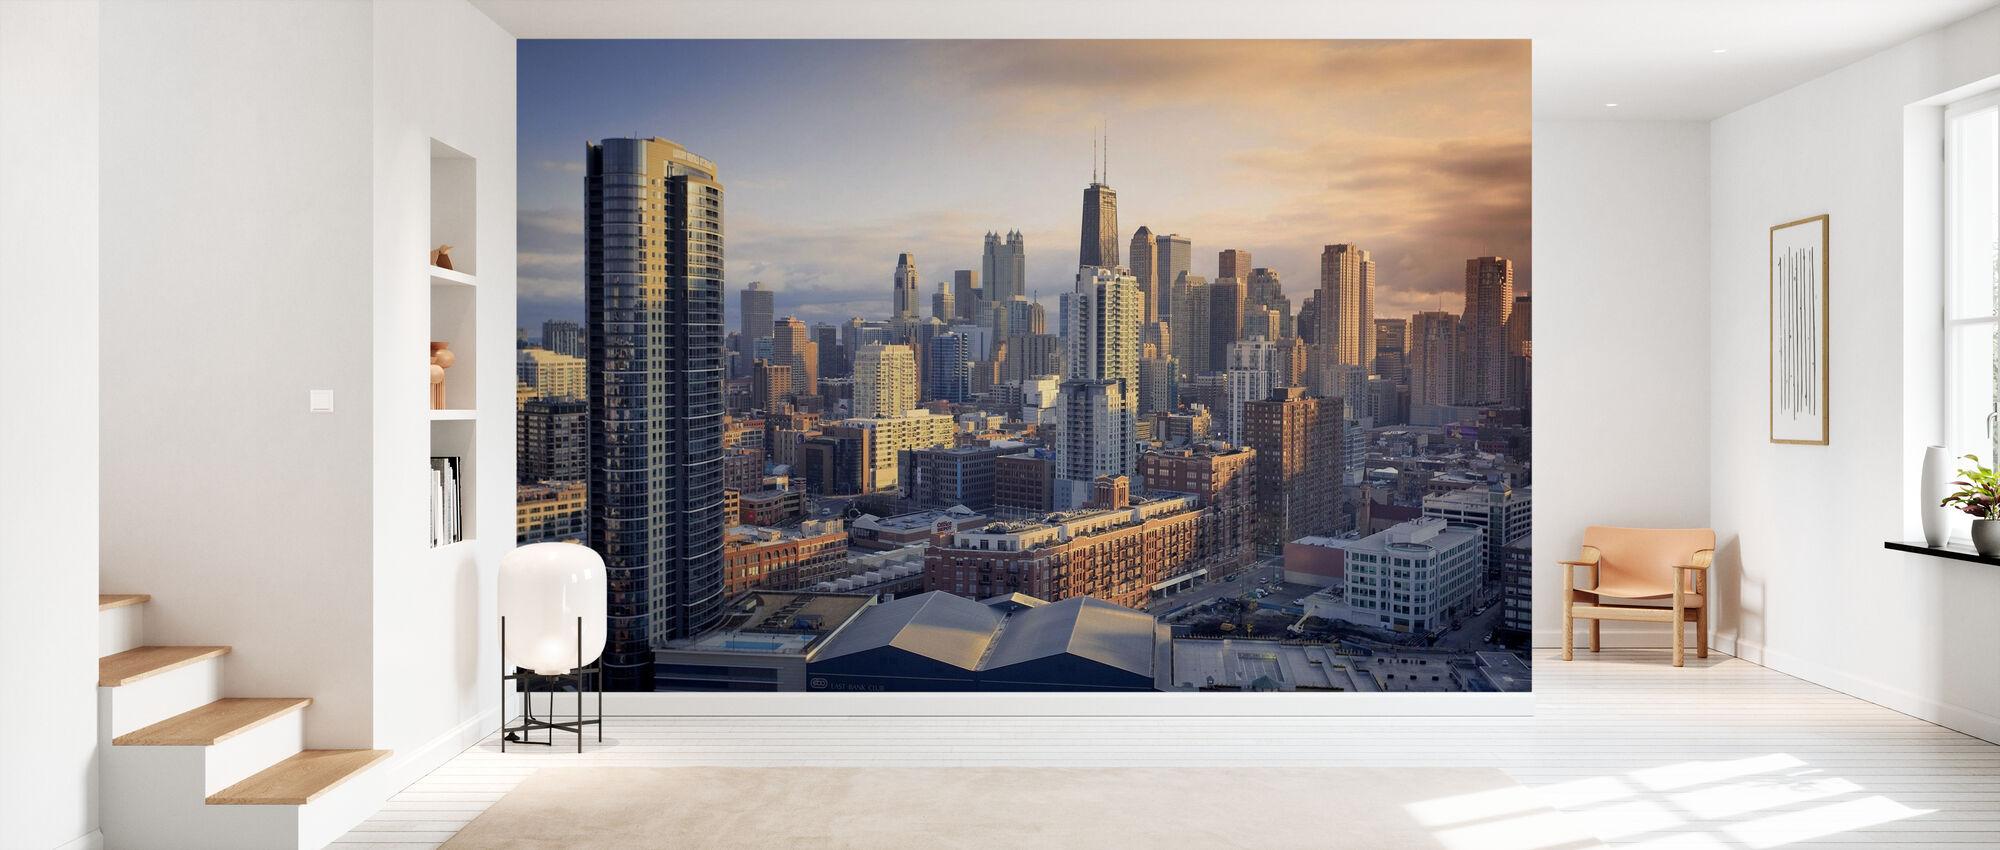 Sinfonía de Chicago - Papel pintado - Corredor